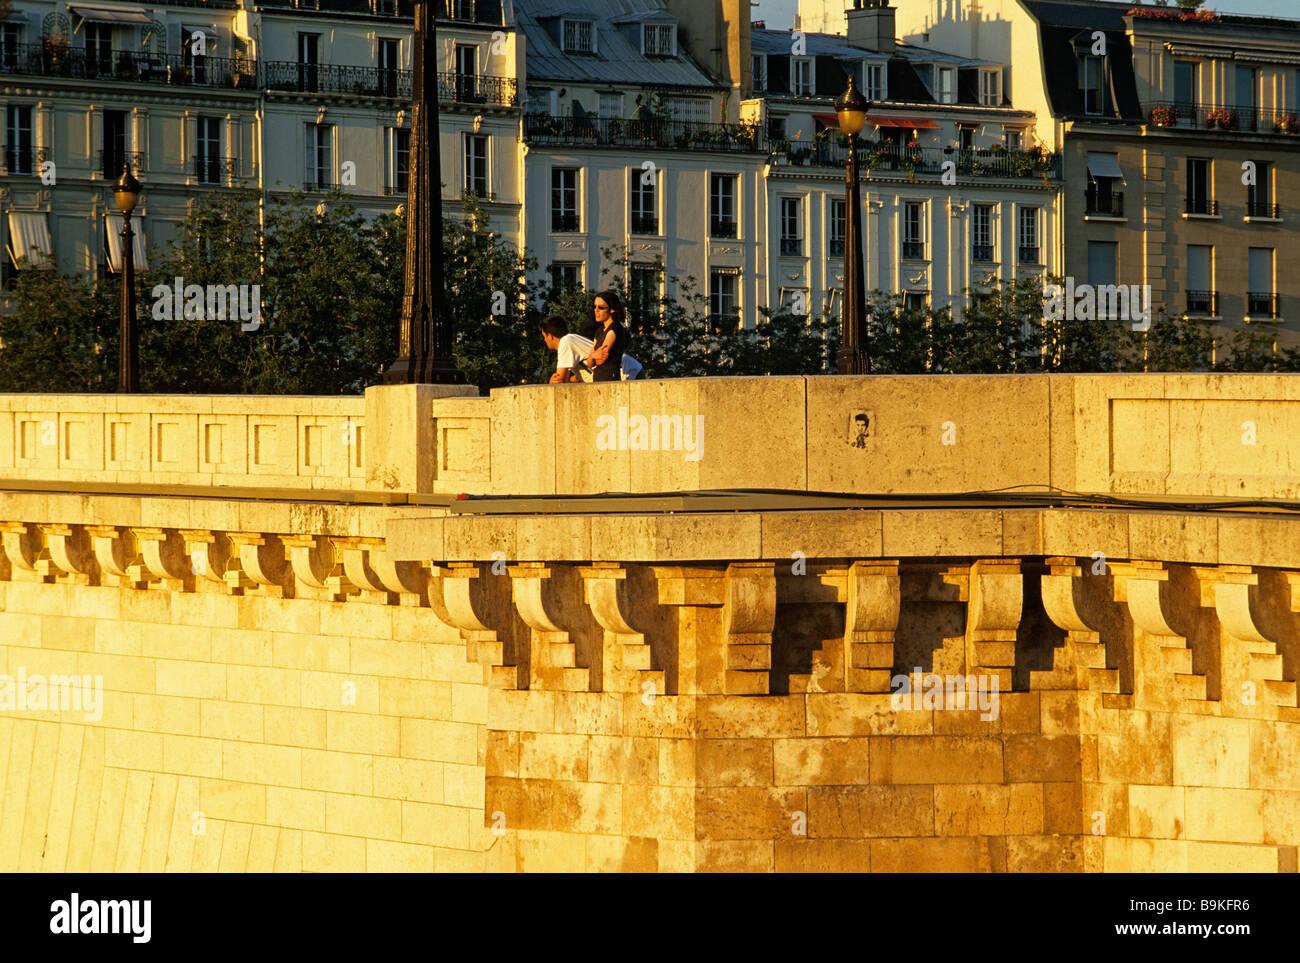 France, Paris, pont de la Tournelle and buildings quai d' Anjou en arrière plan - Stock Image